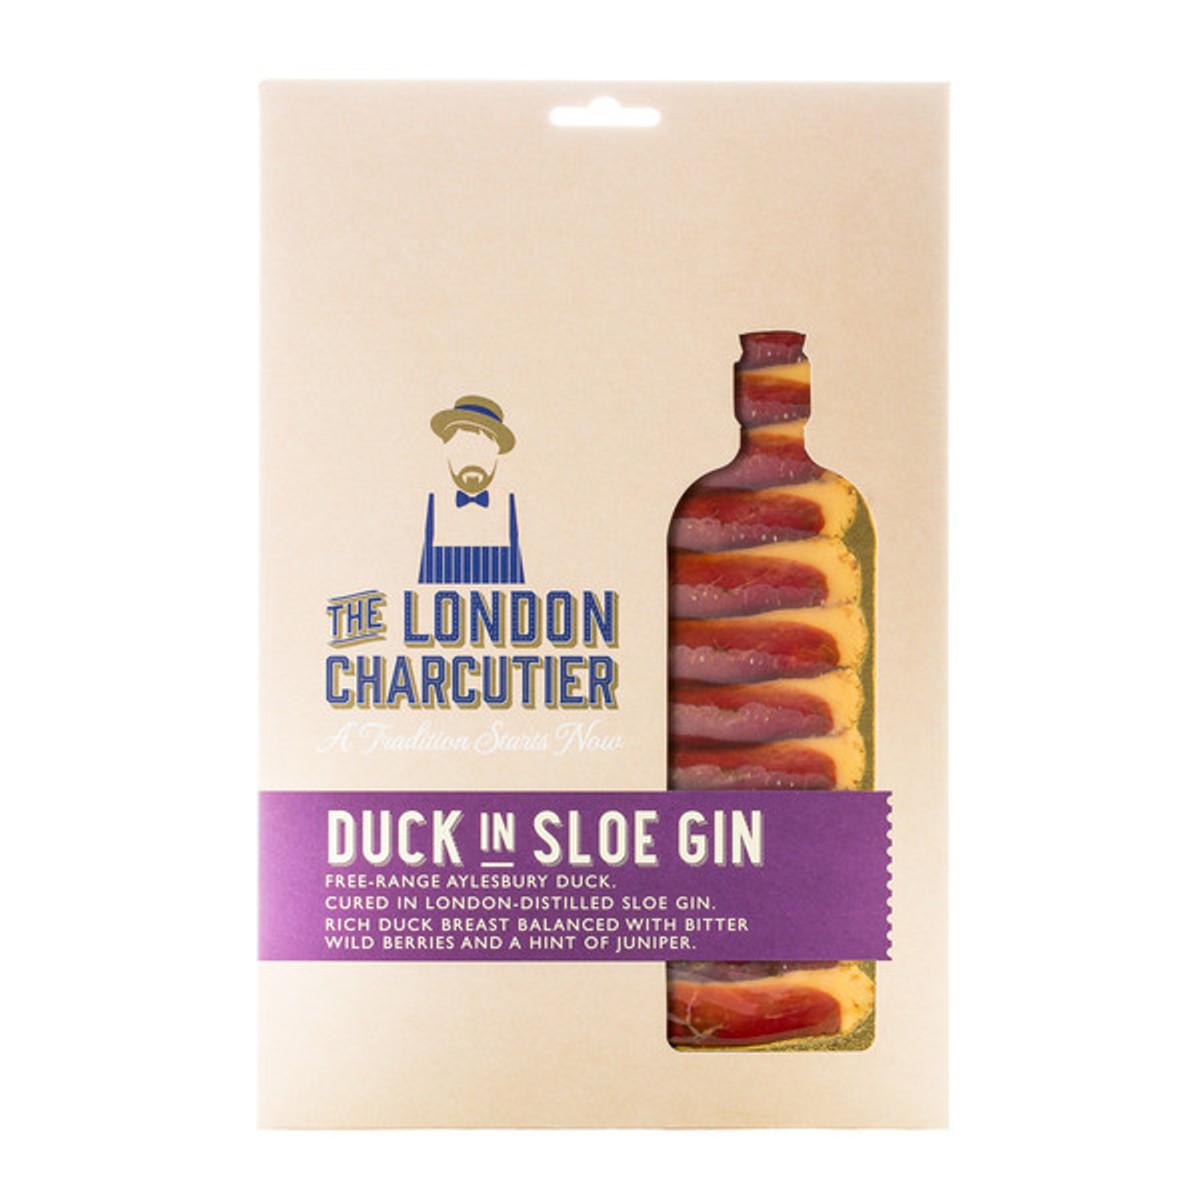 Cured Duck in Sloe Gin